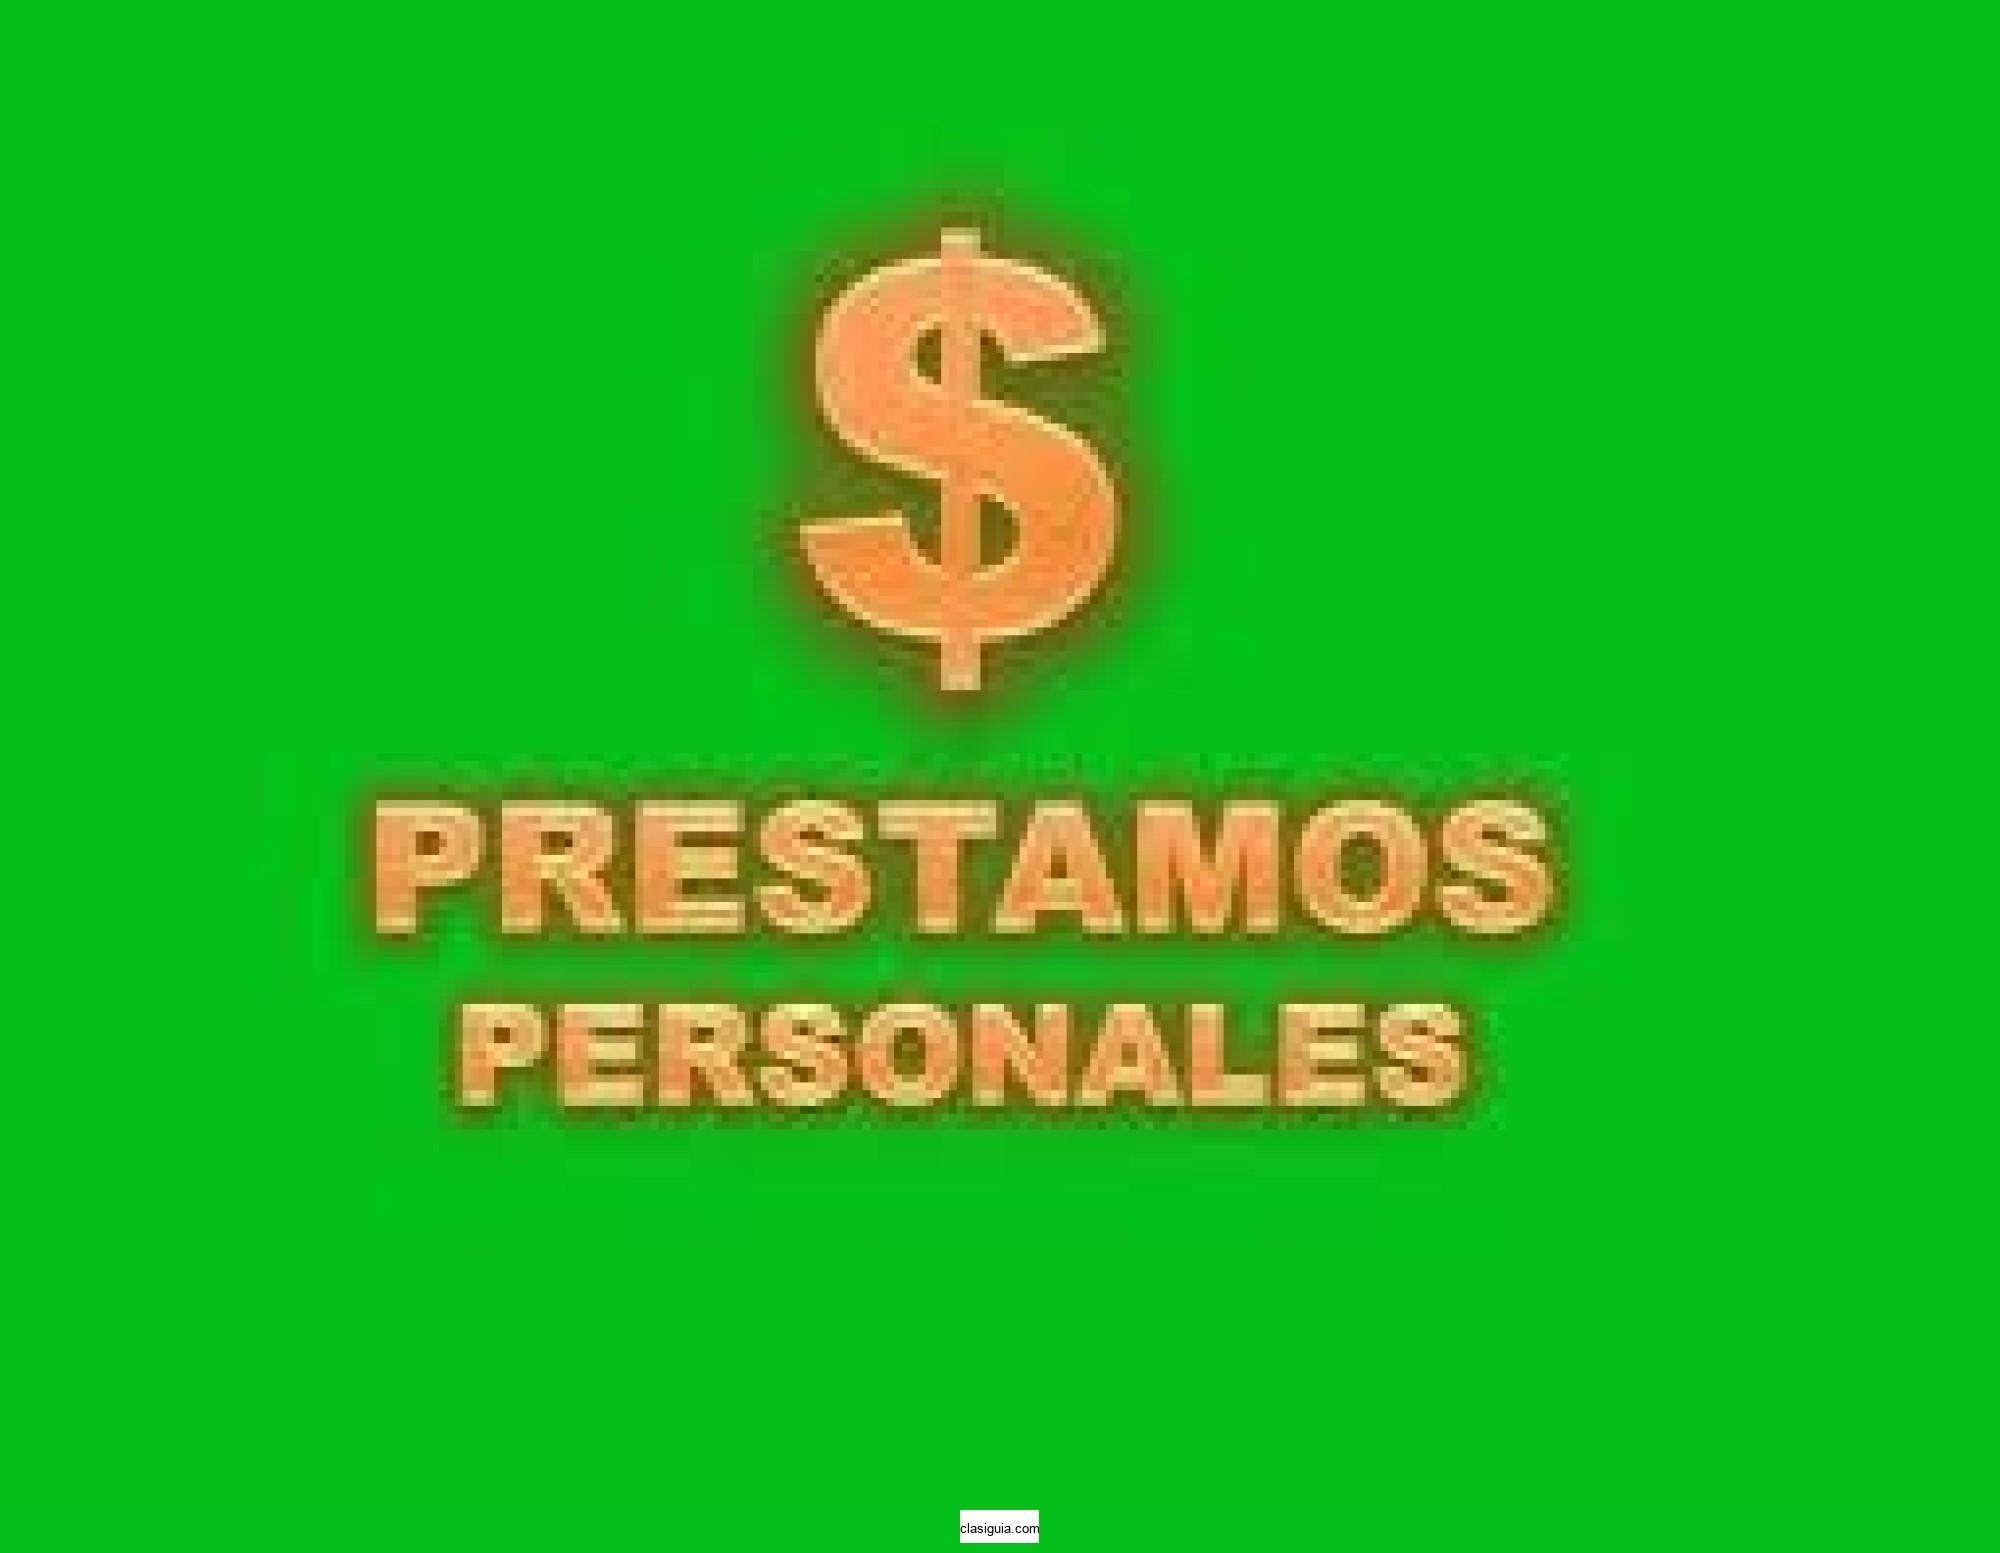 PRESTAMOS PRIVADOS - DINERO RAPIDO